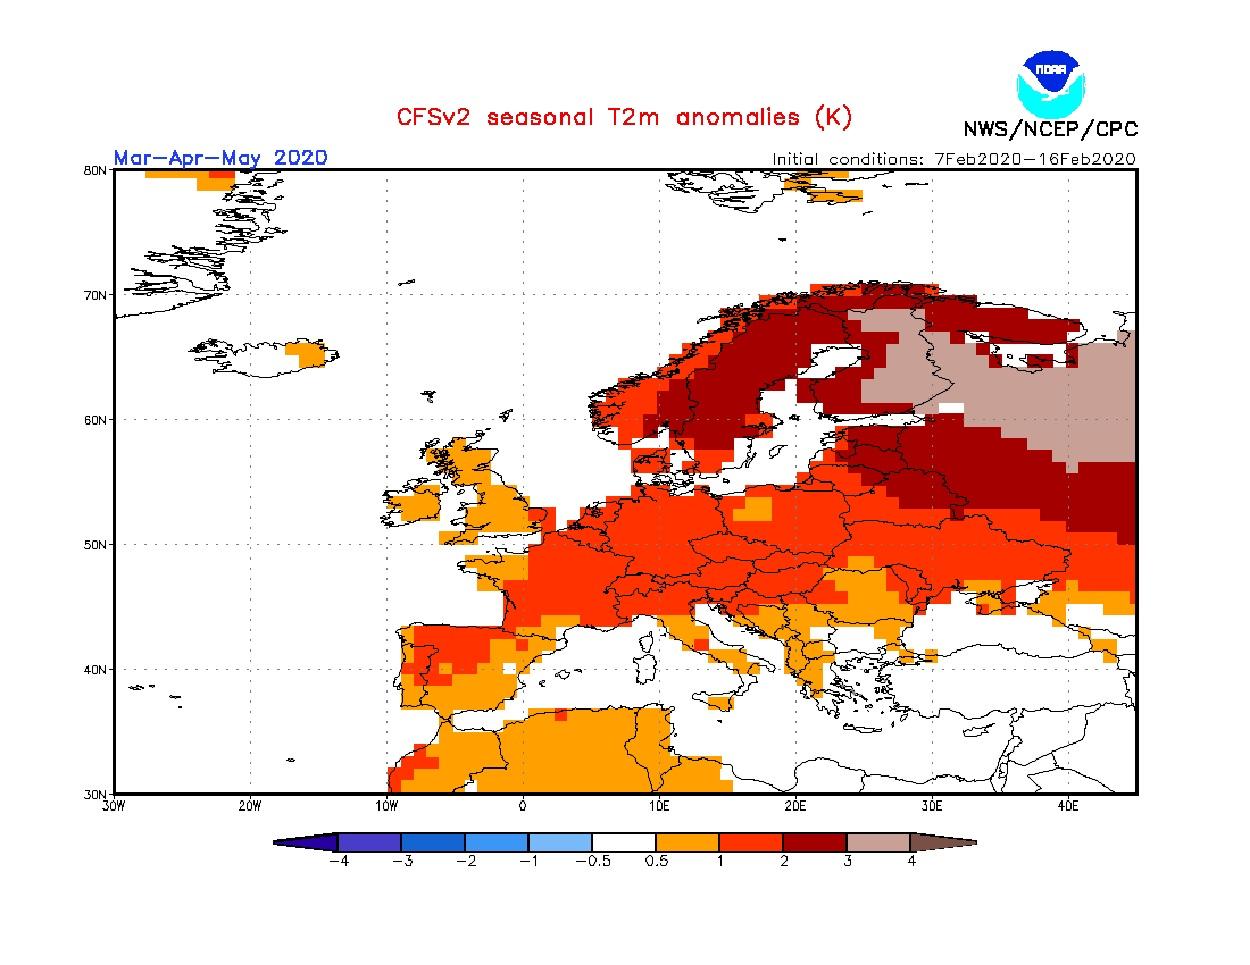 Anomalie di temperatura previste dal modello CFS per la primavera 2020 - cpc.ncep.noaa.gov.jpg